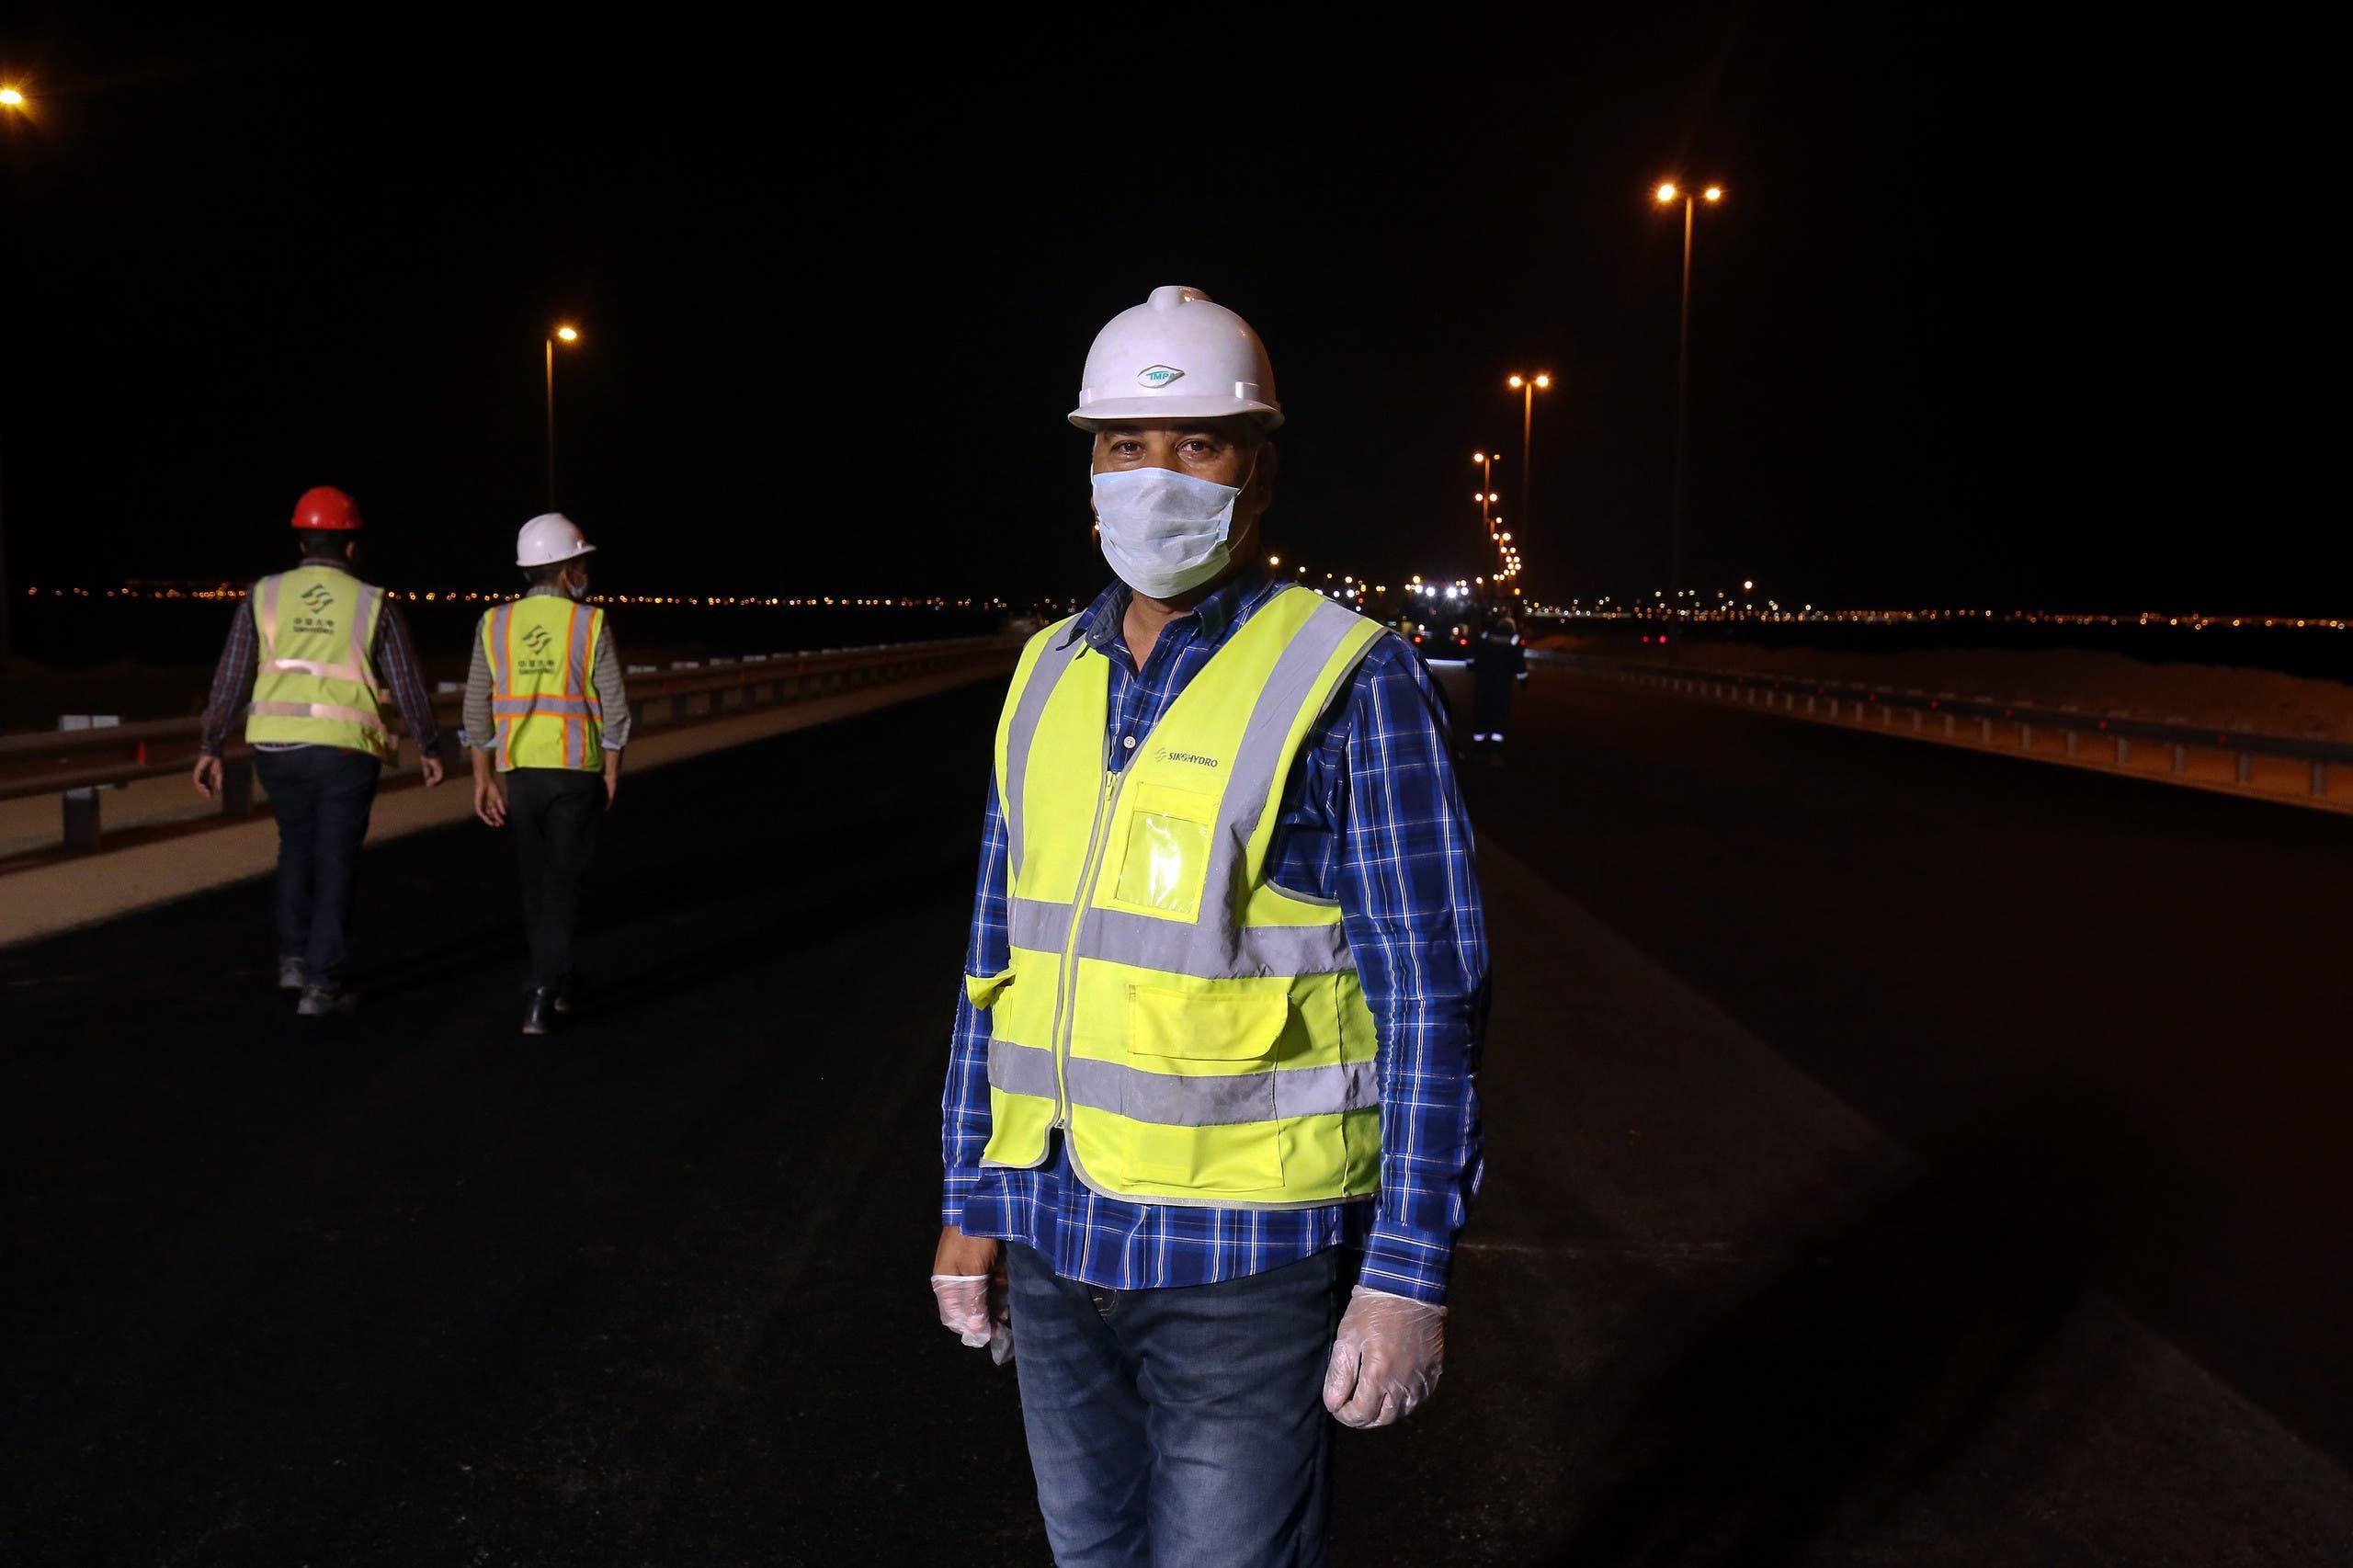 مهندس كويتي يرتدي كمامة ويشرف على أعمال تعبيد الطرقات ليلاً في العاصمة